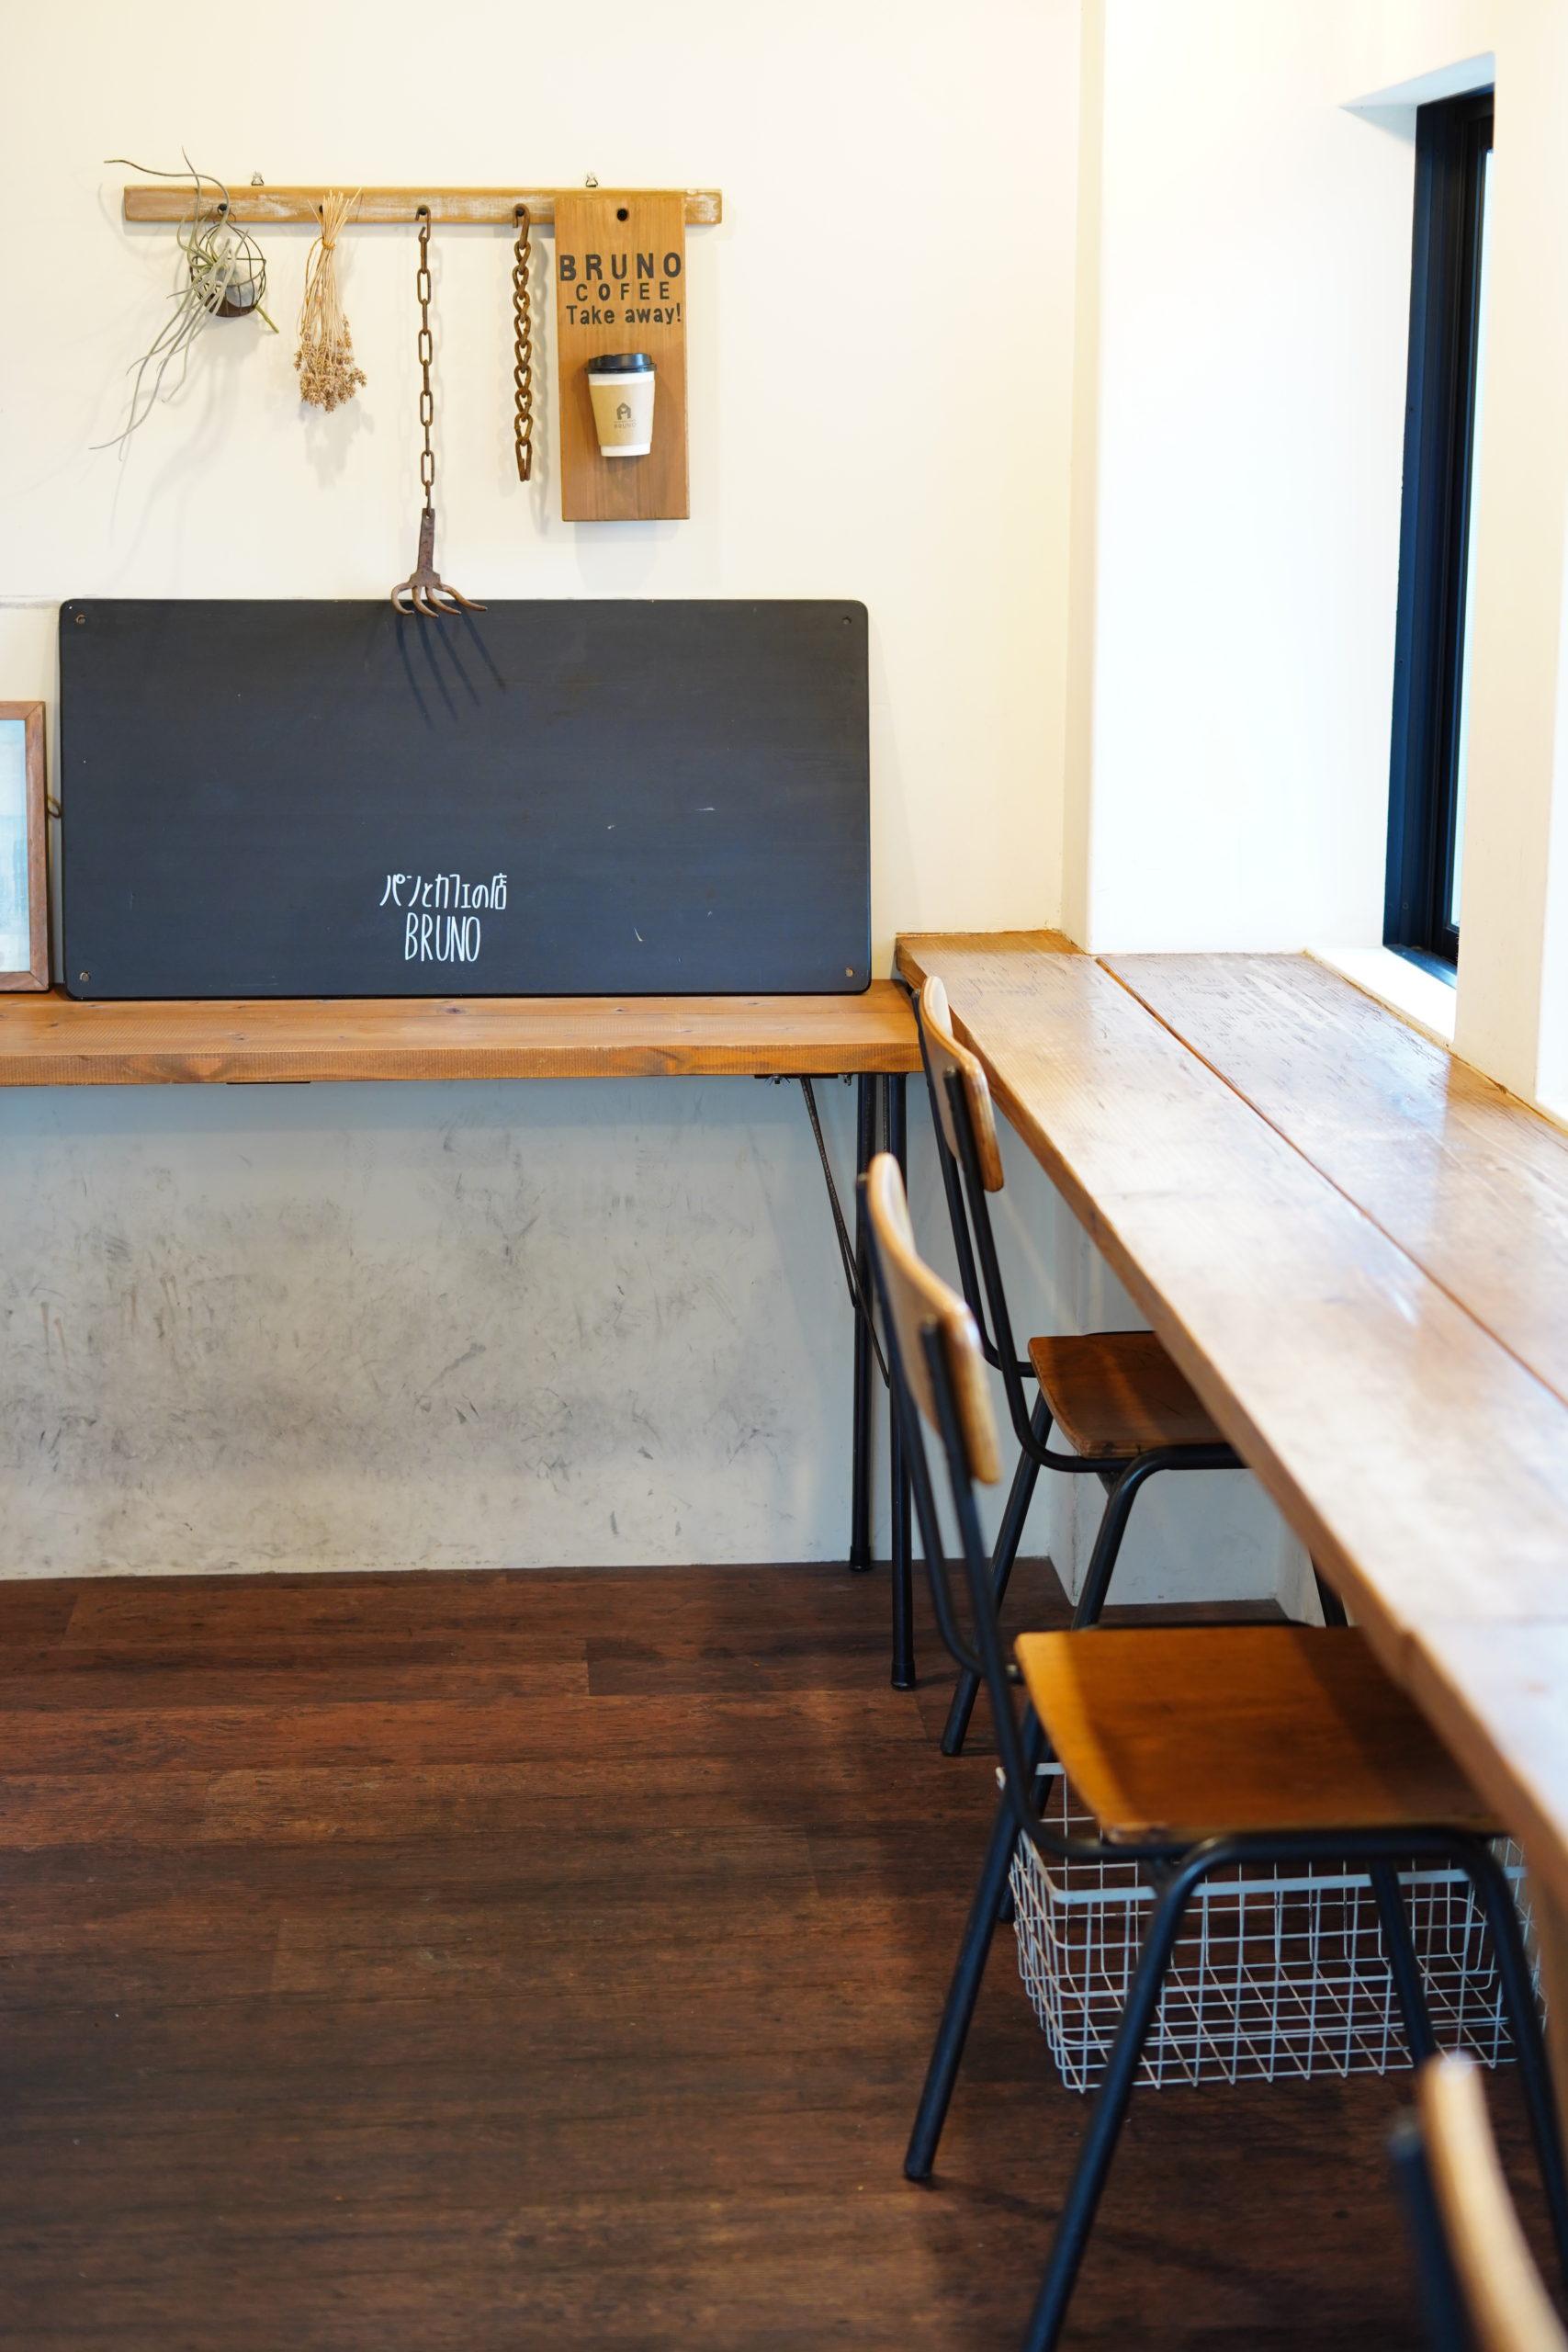 パンとカフェの店BRUNOさんのカフェスペース